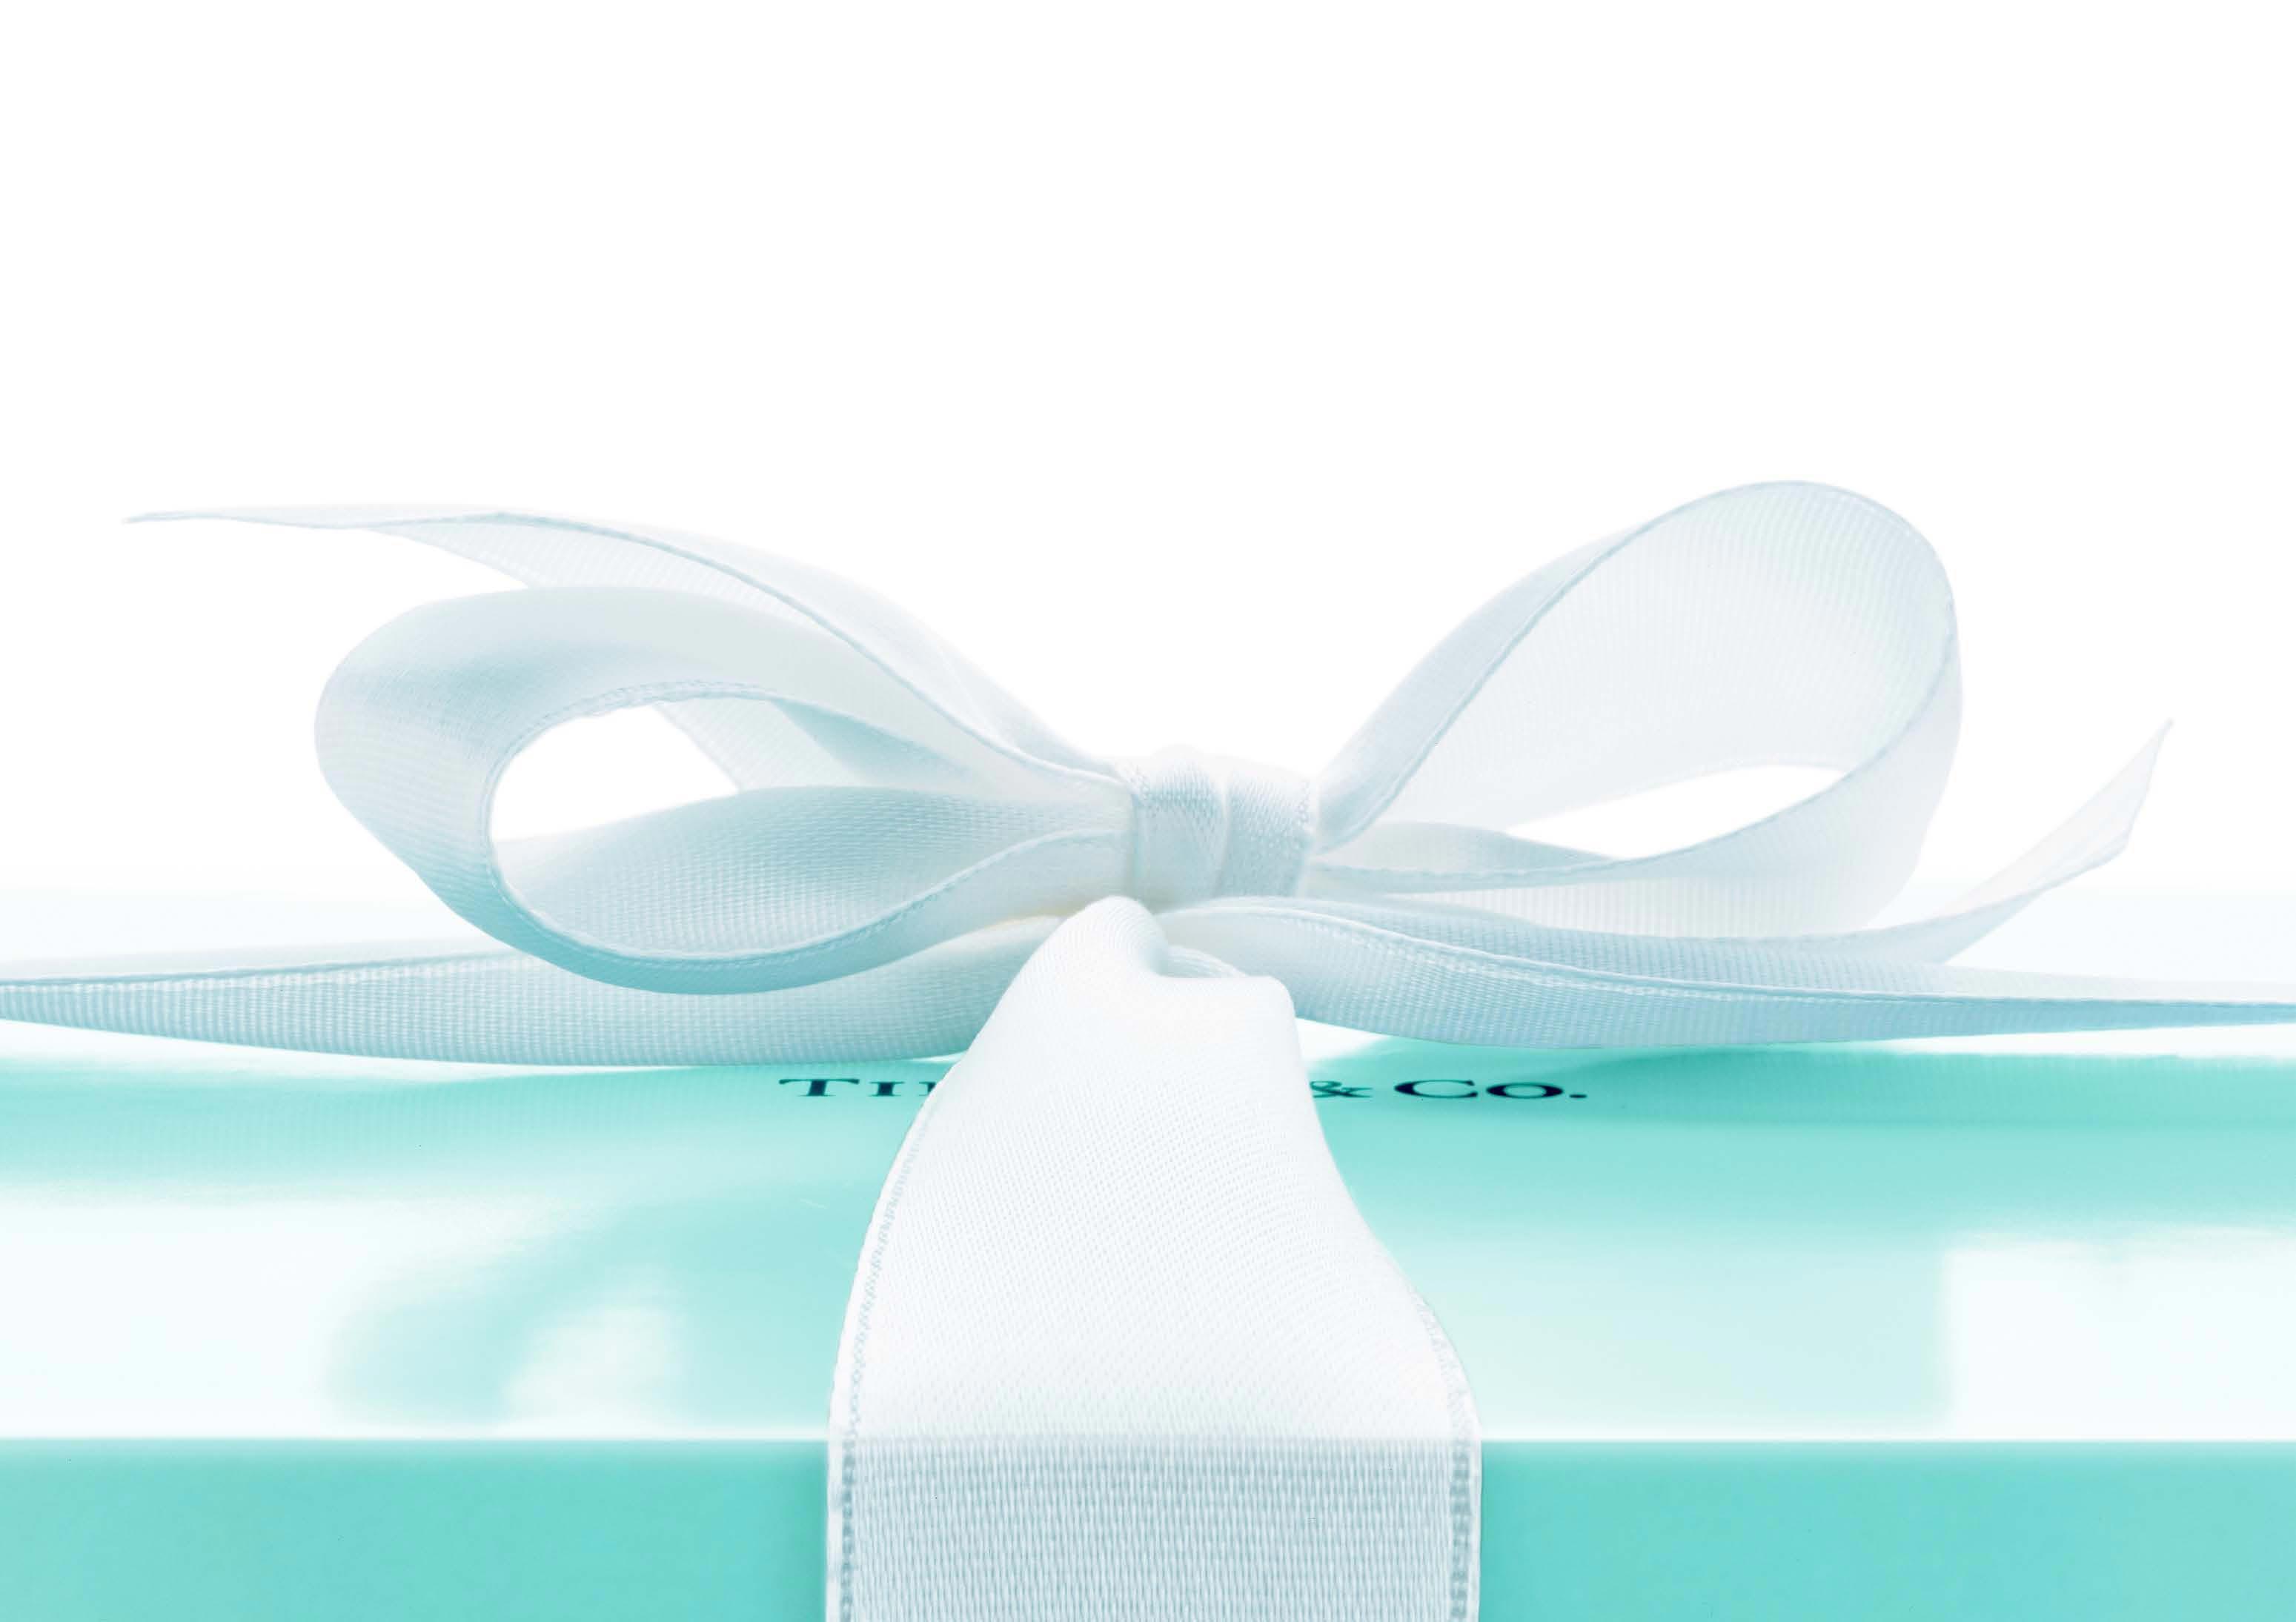 caja de Tiffany's